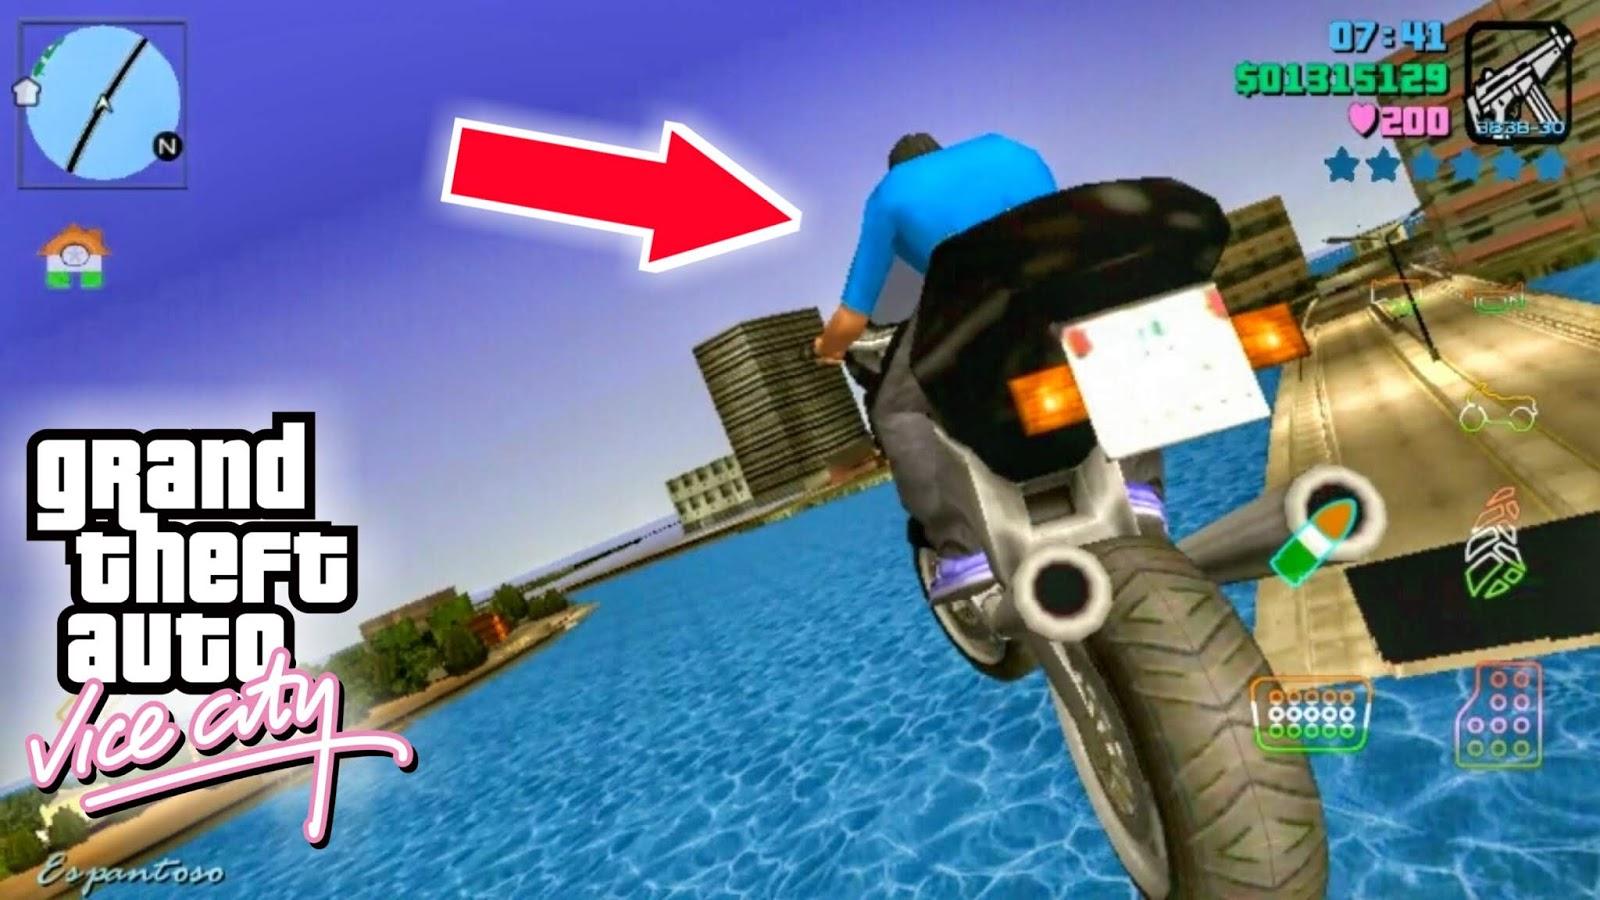 Bridge Jumping MOD GTA Vice City - Techy Harsh